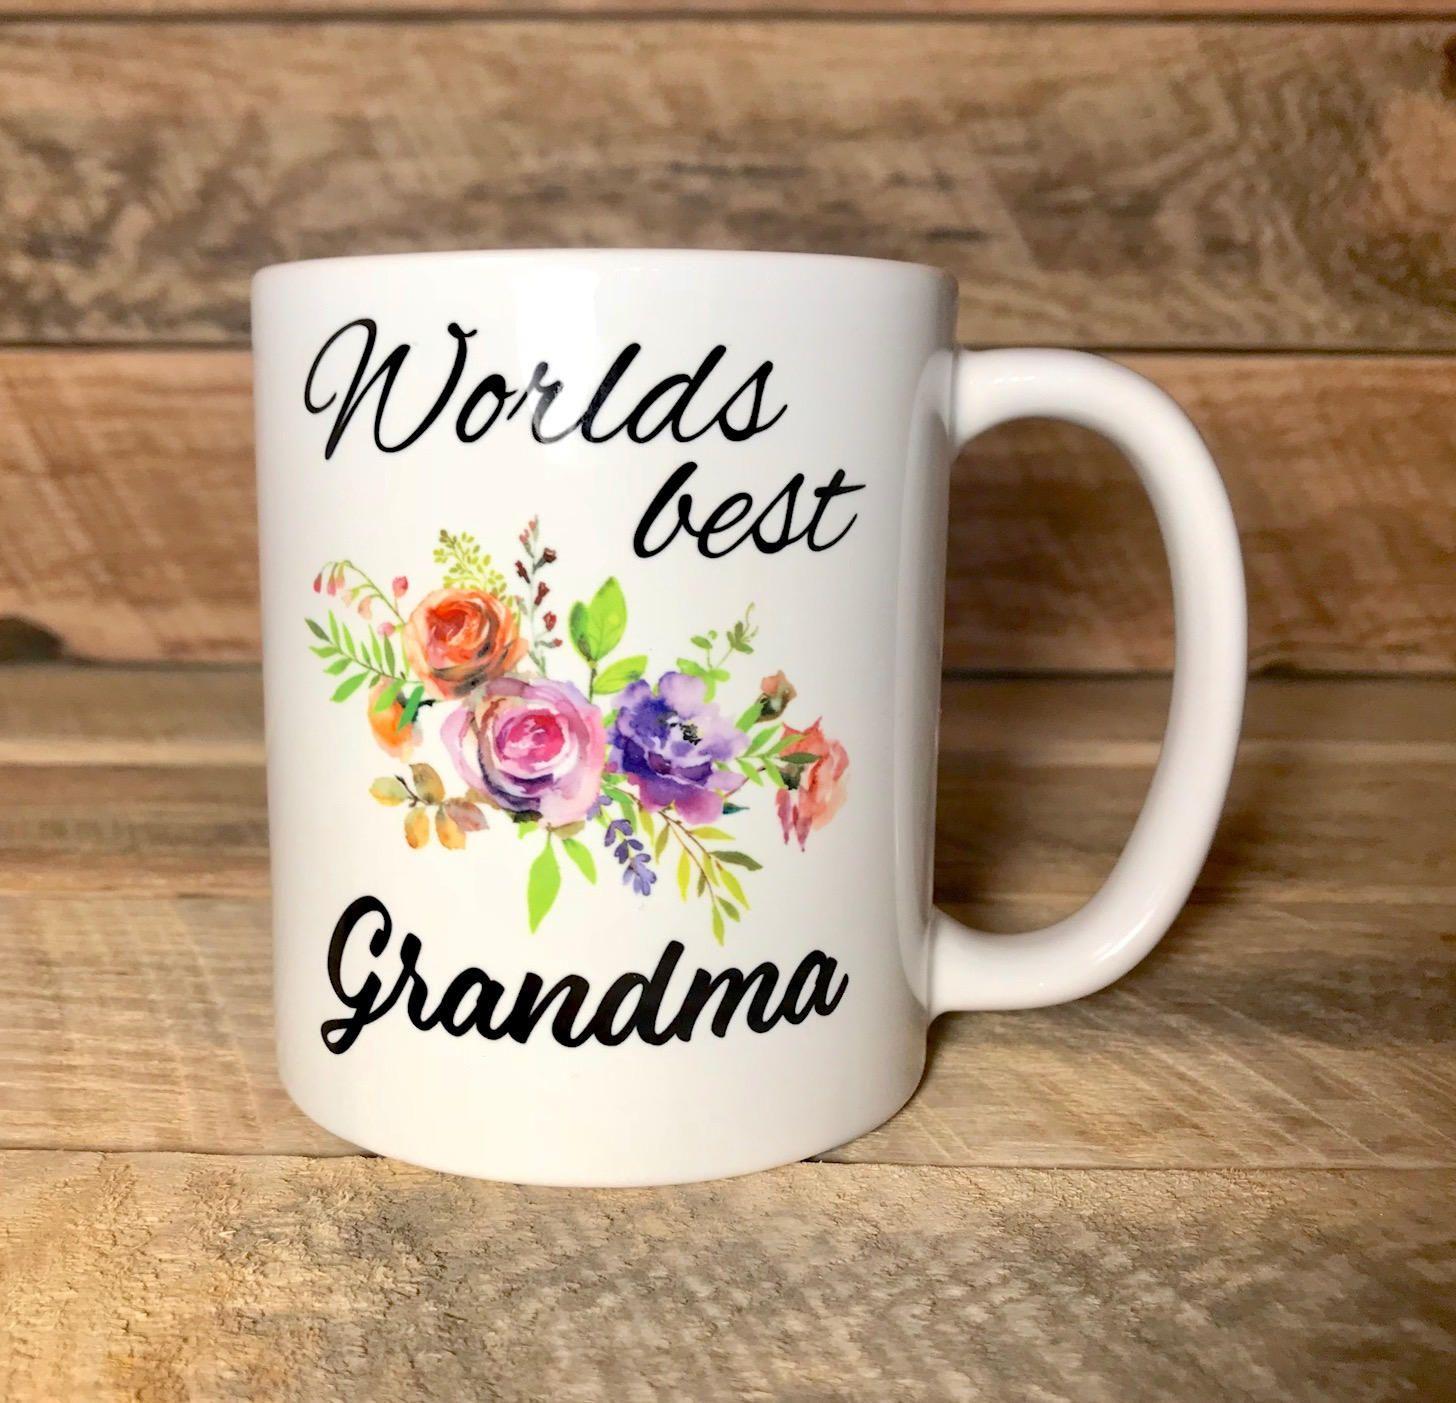 Coffee mug mug for grandma coffee cup mug for grandma